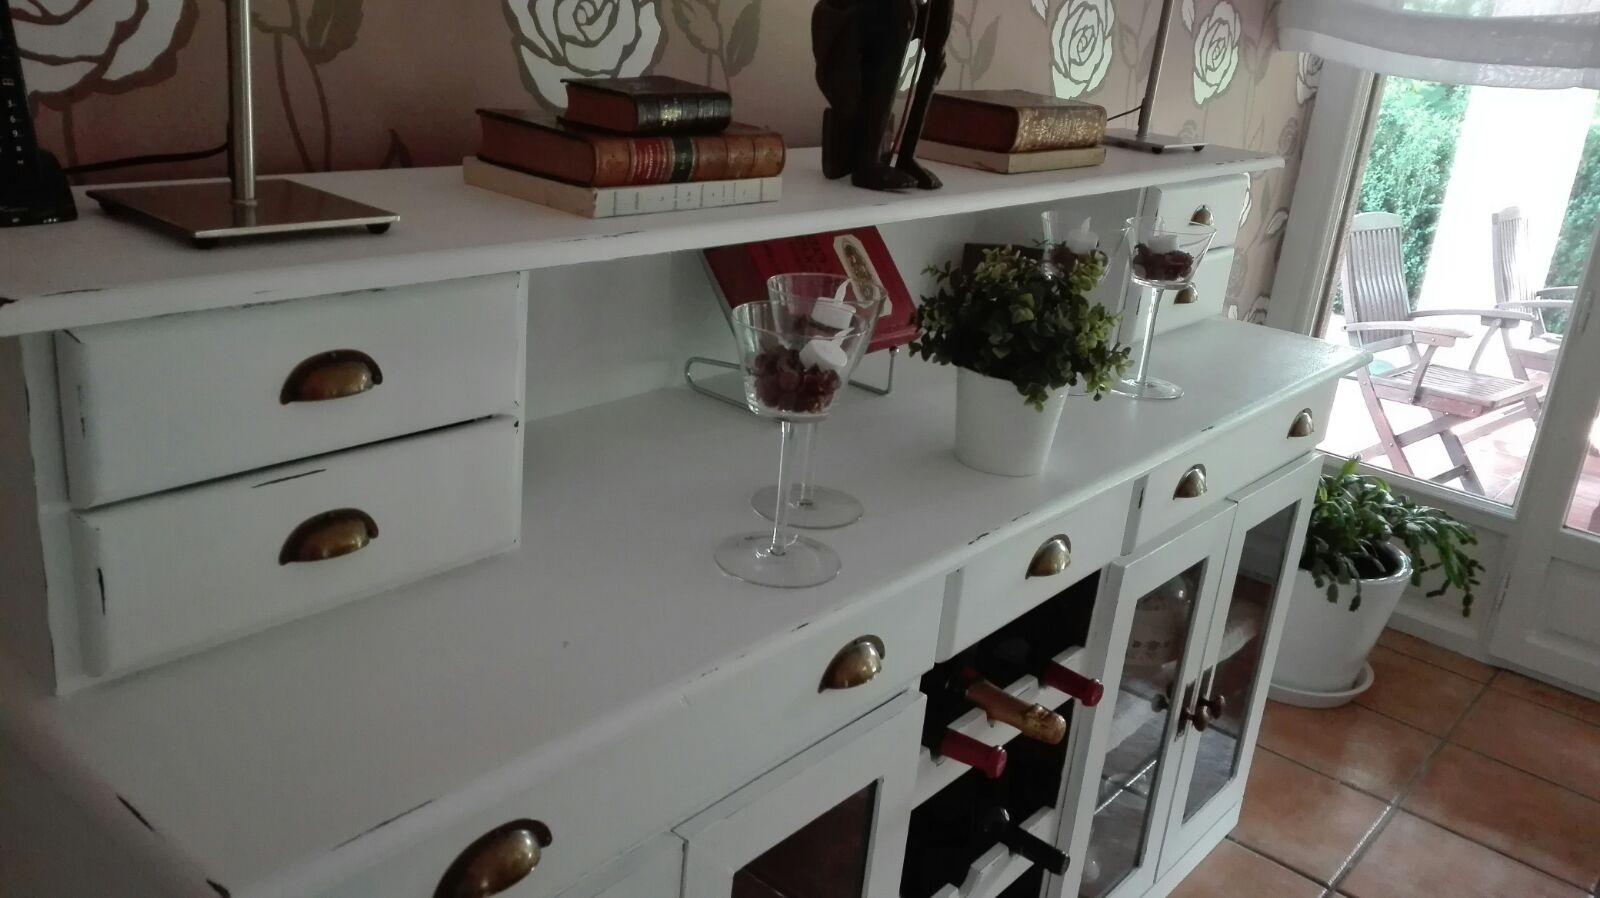 Recikla arte qui n quiere cambiar sus muebles tan s lo for Muebles pintados a la tiza